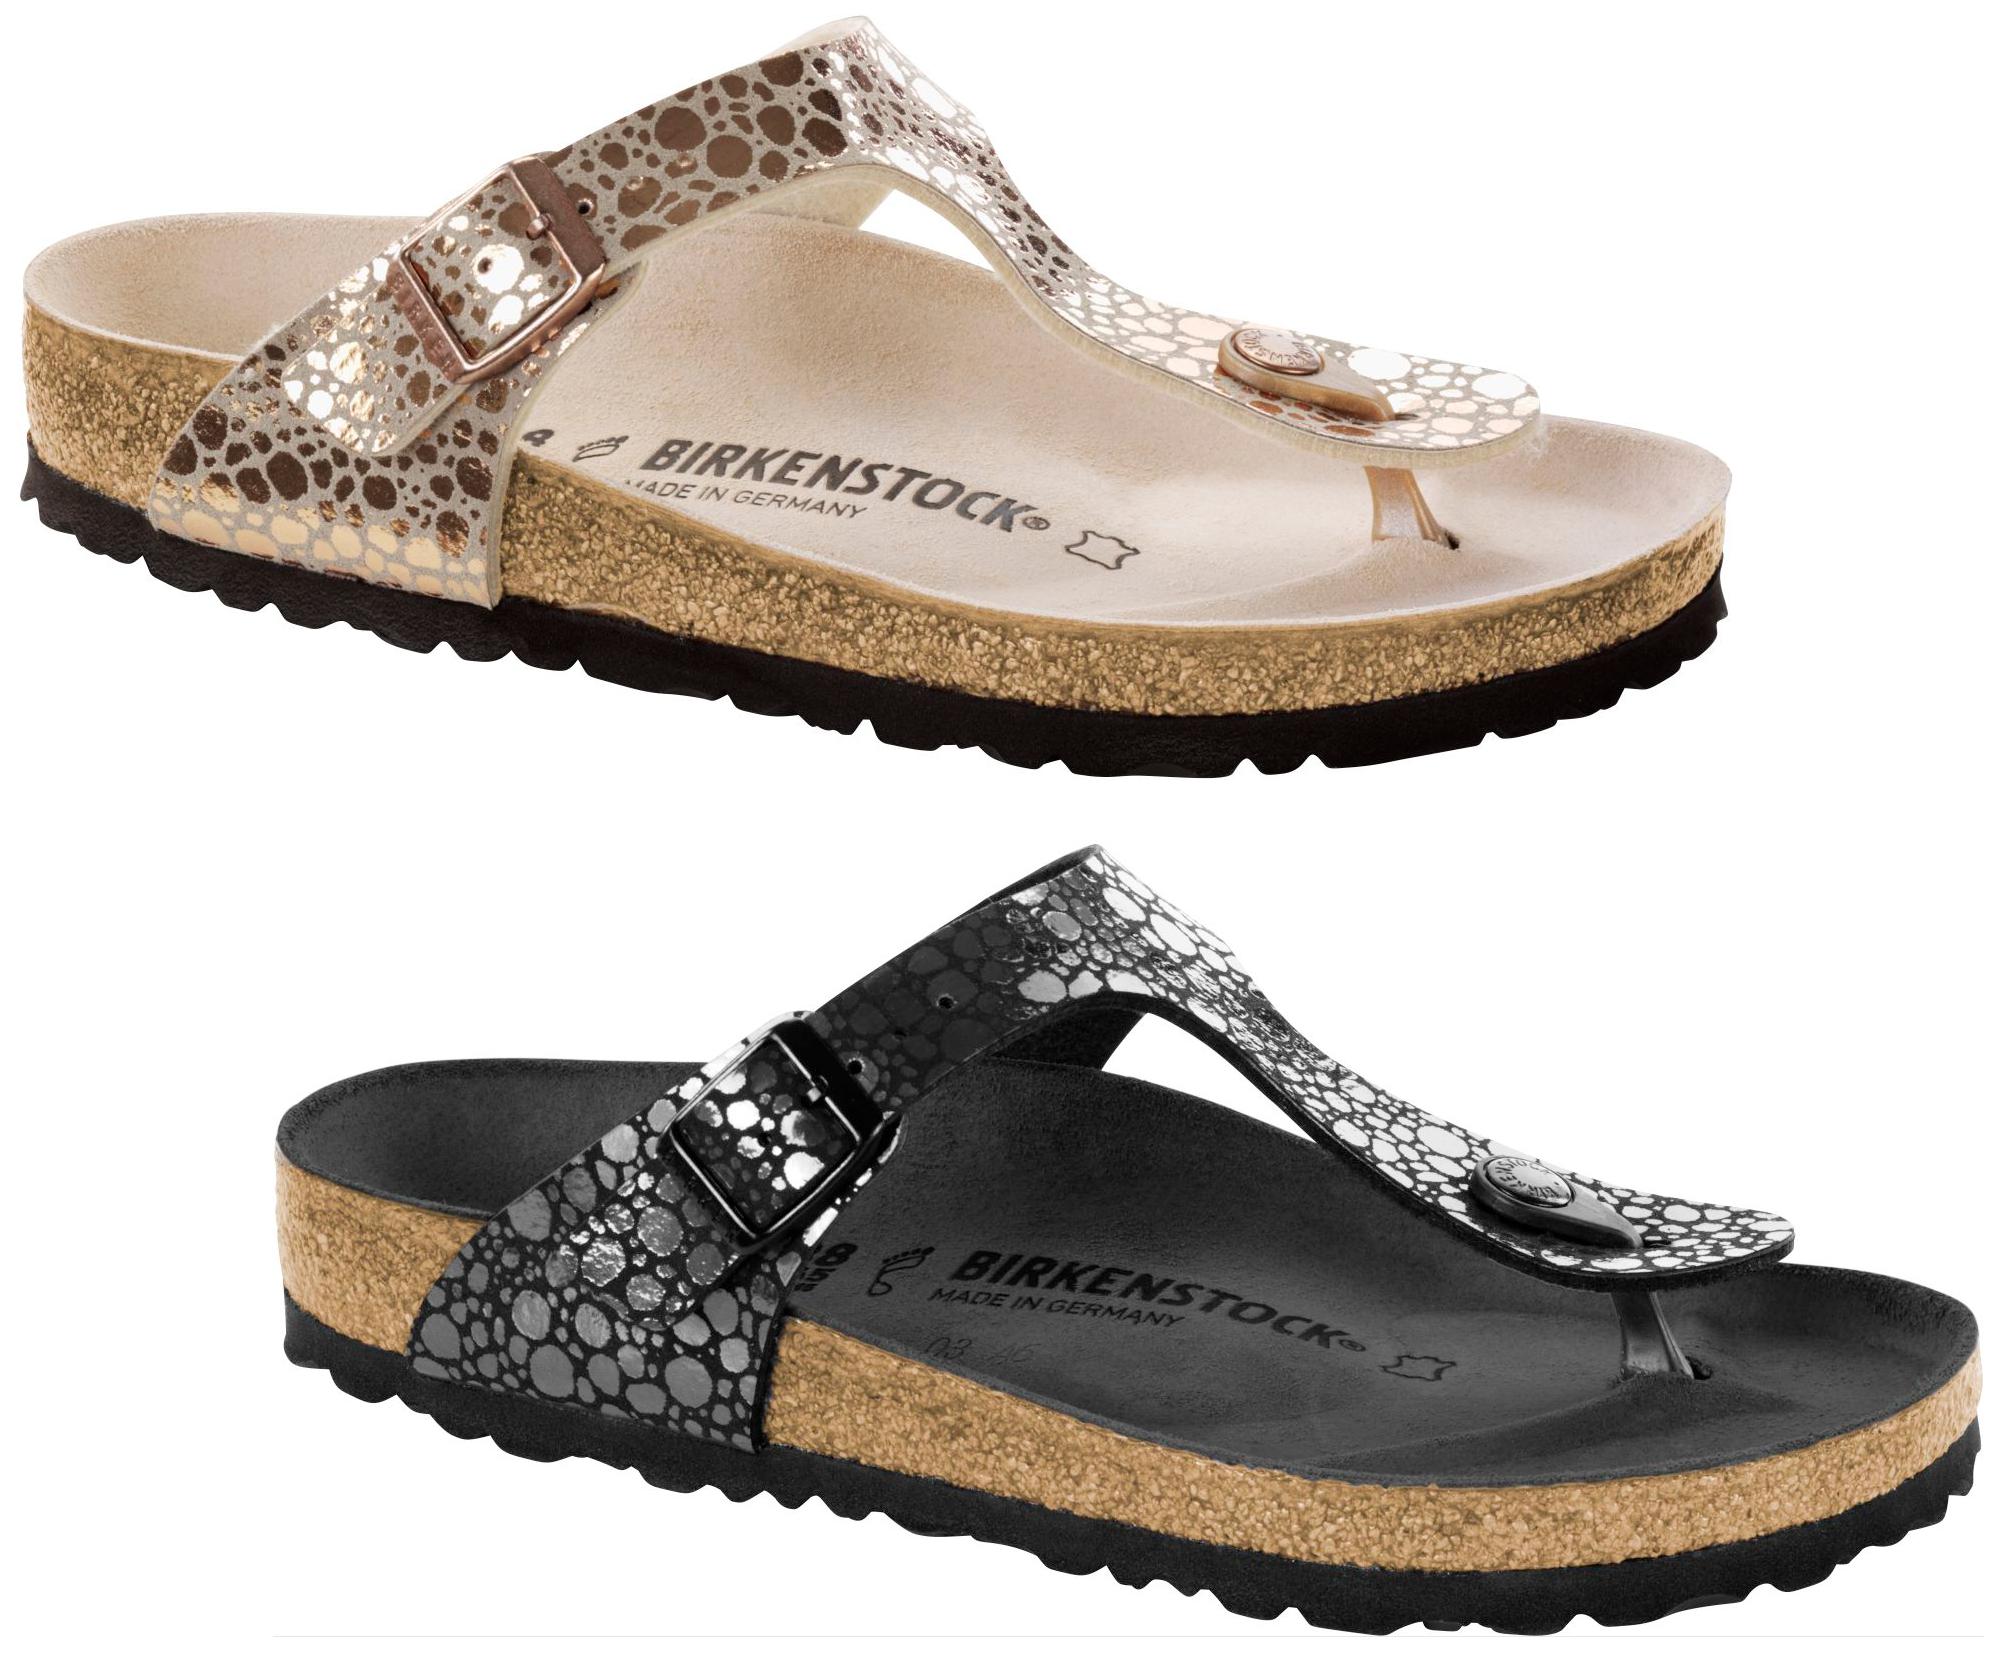 3511408dfed386 Birkenstock Gizeh Damen Pantolette Zehentrenner Metallic Stones